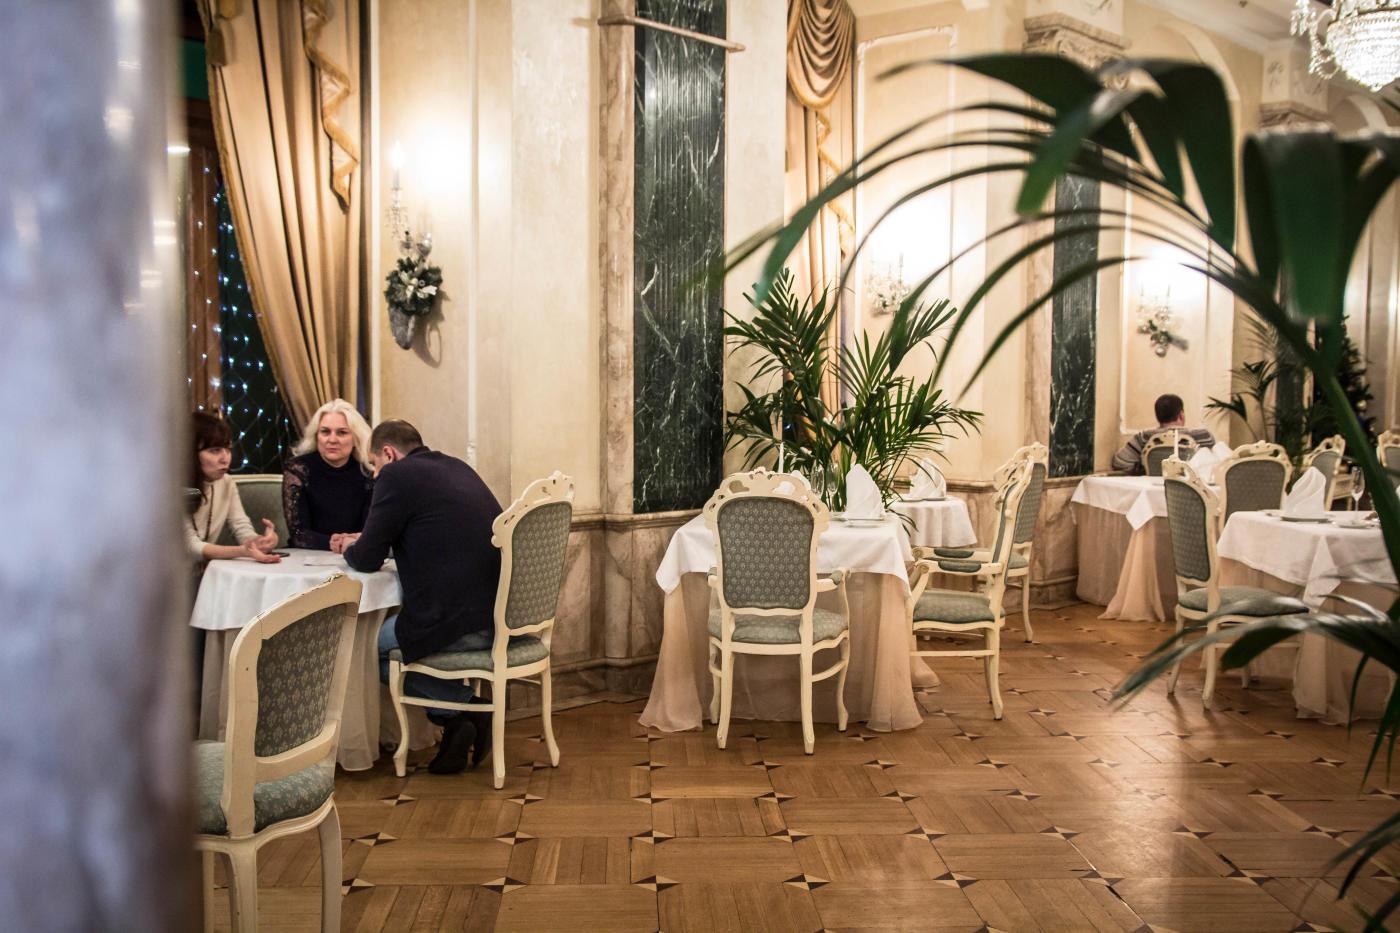 Ресторан Ривьера (Riviere) фото 42